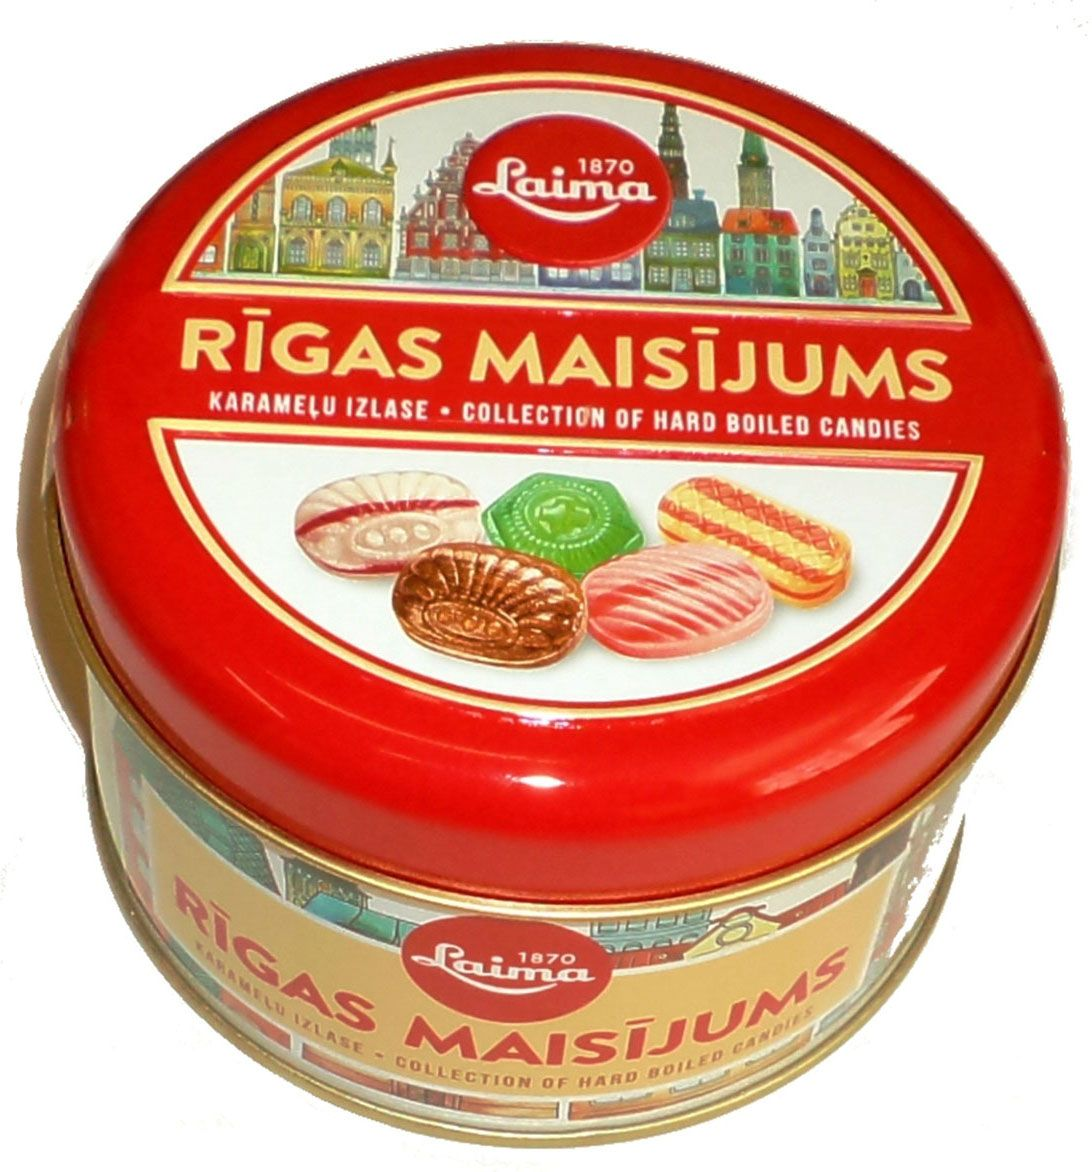 Laima Рижская смесь пять видов карамели, 300 г0120710Лакомство из Риги. Железная банка, в которой 5 видов карамели с фруктовой начинкой, молочной, ореховой, леденцы.